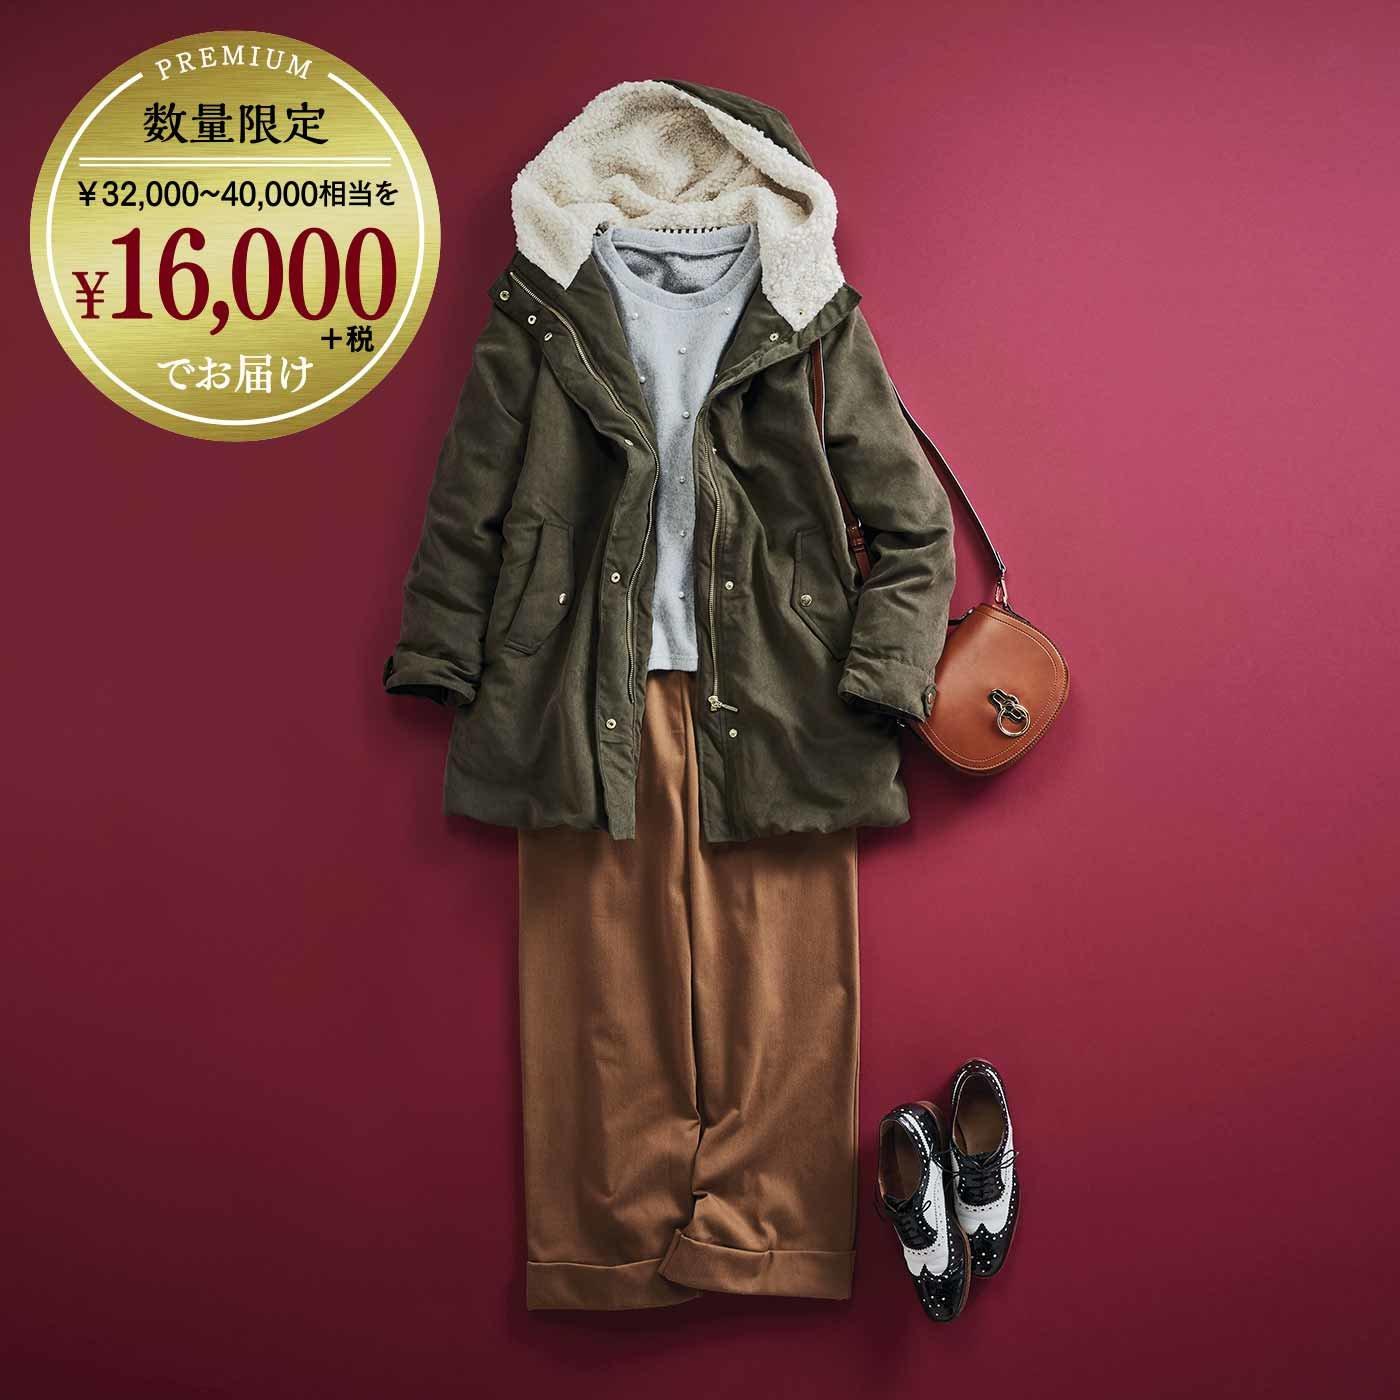 Live in comfort すっきりオトナ顔で決める! 冬のお出かけファッションパック